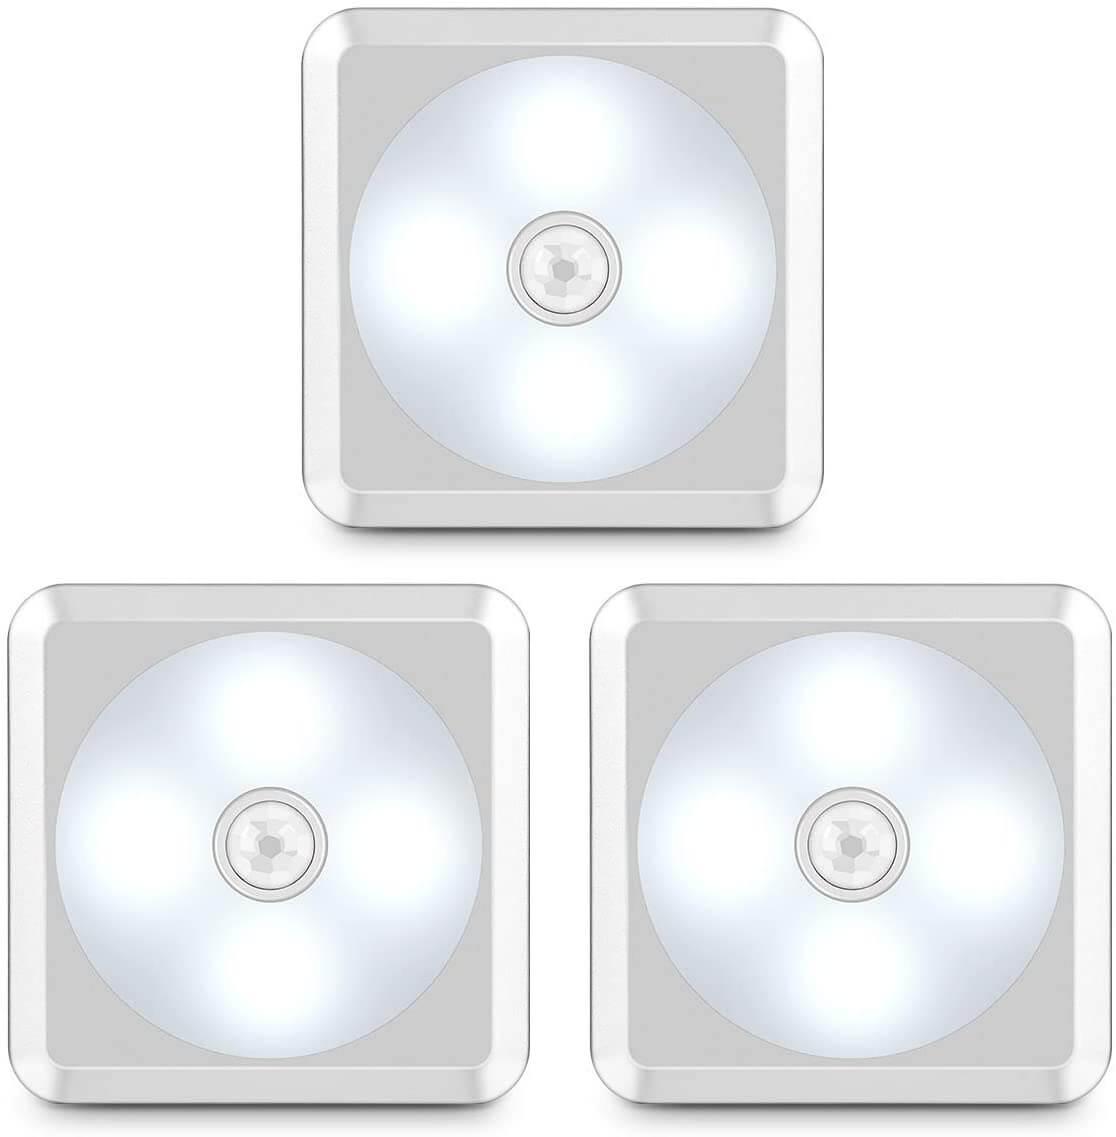 URPOWER Motion Sensor Light